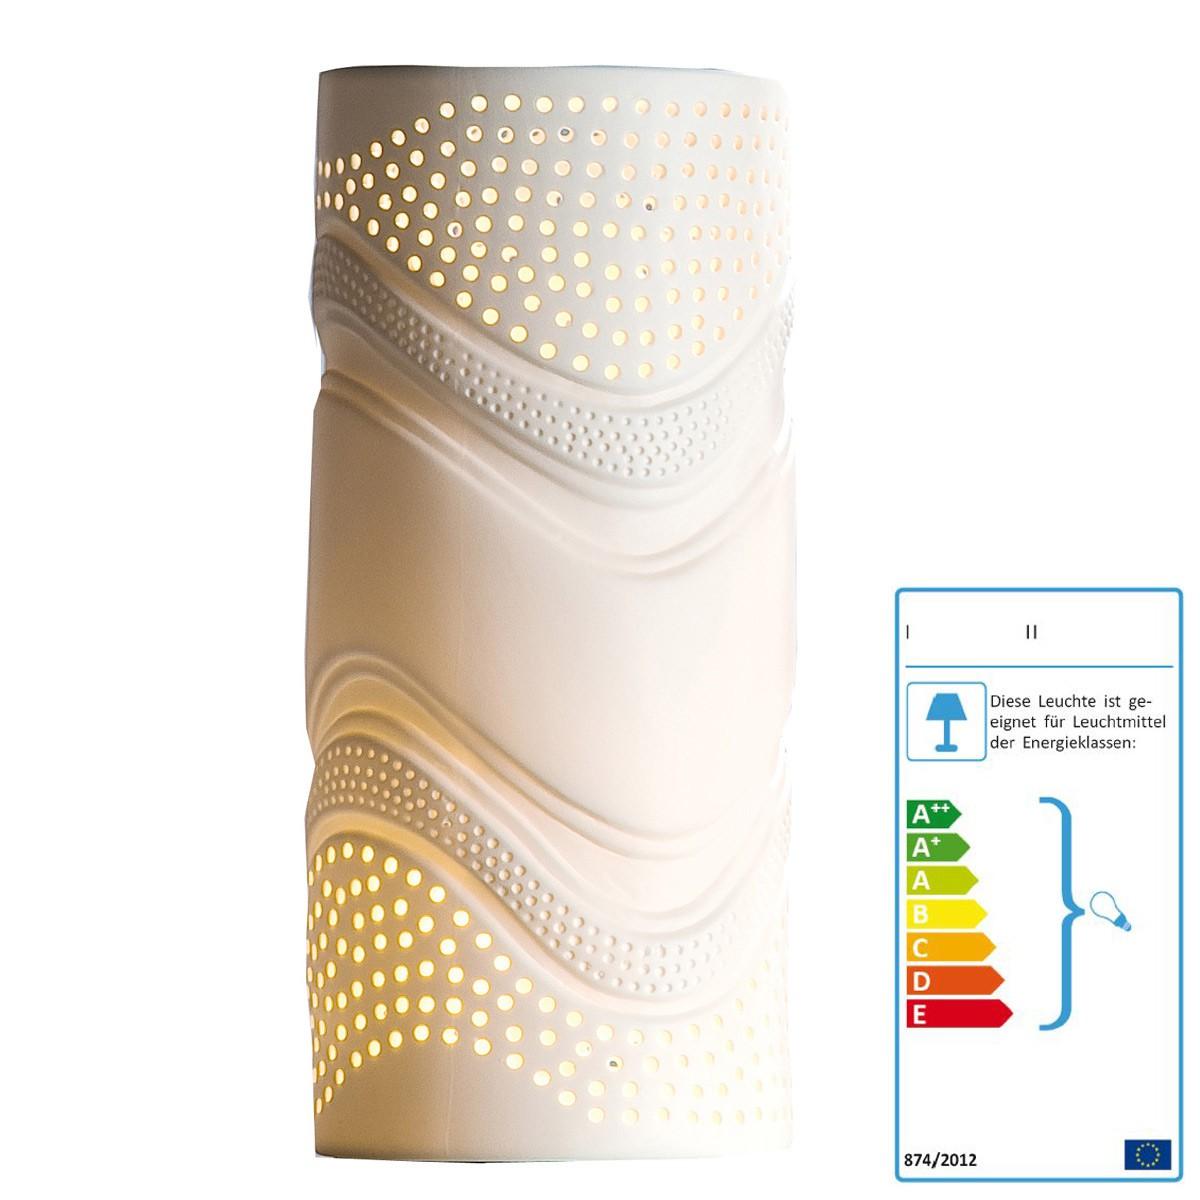 Keramik lampe wei glas pendelleuchte modern for Billige deckenlampen